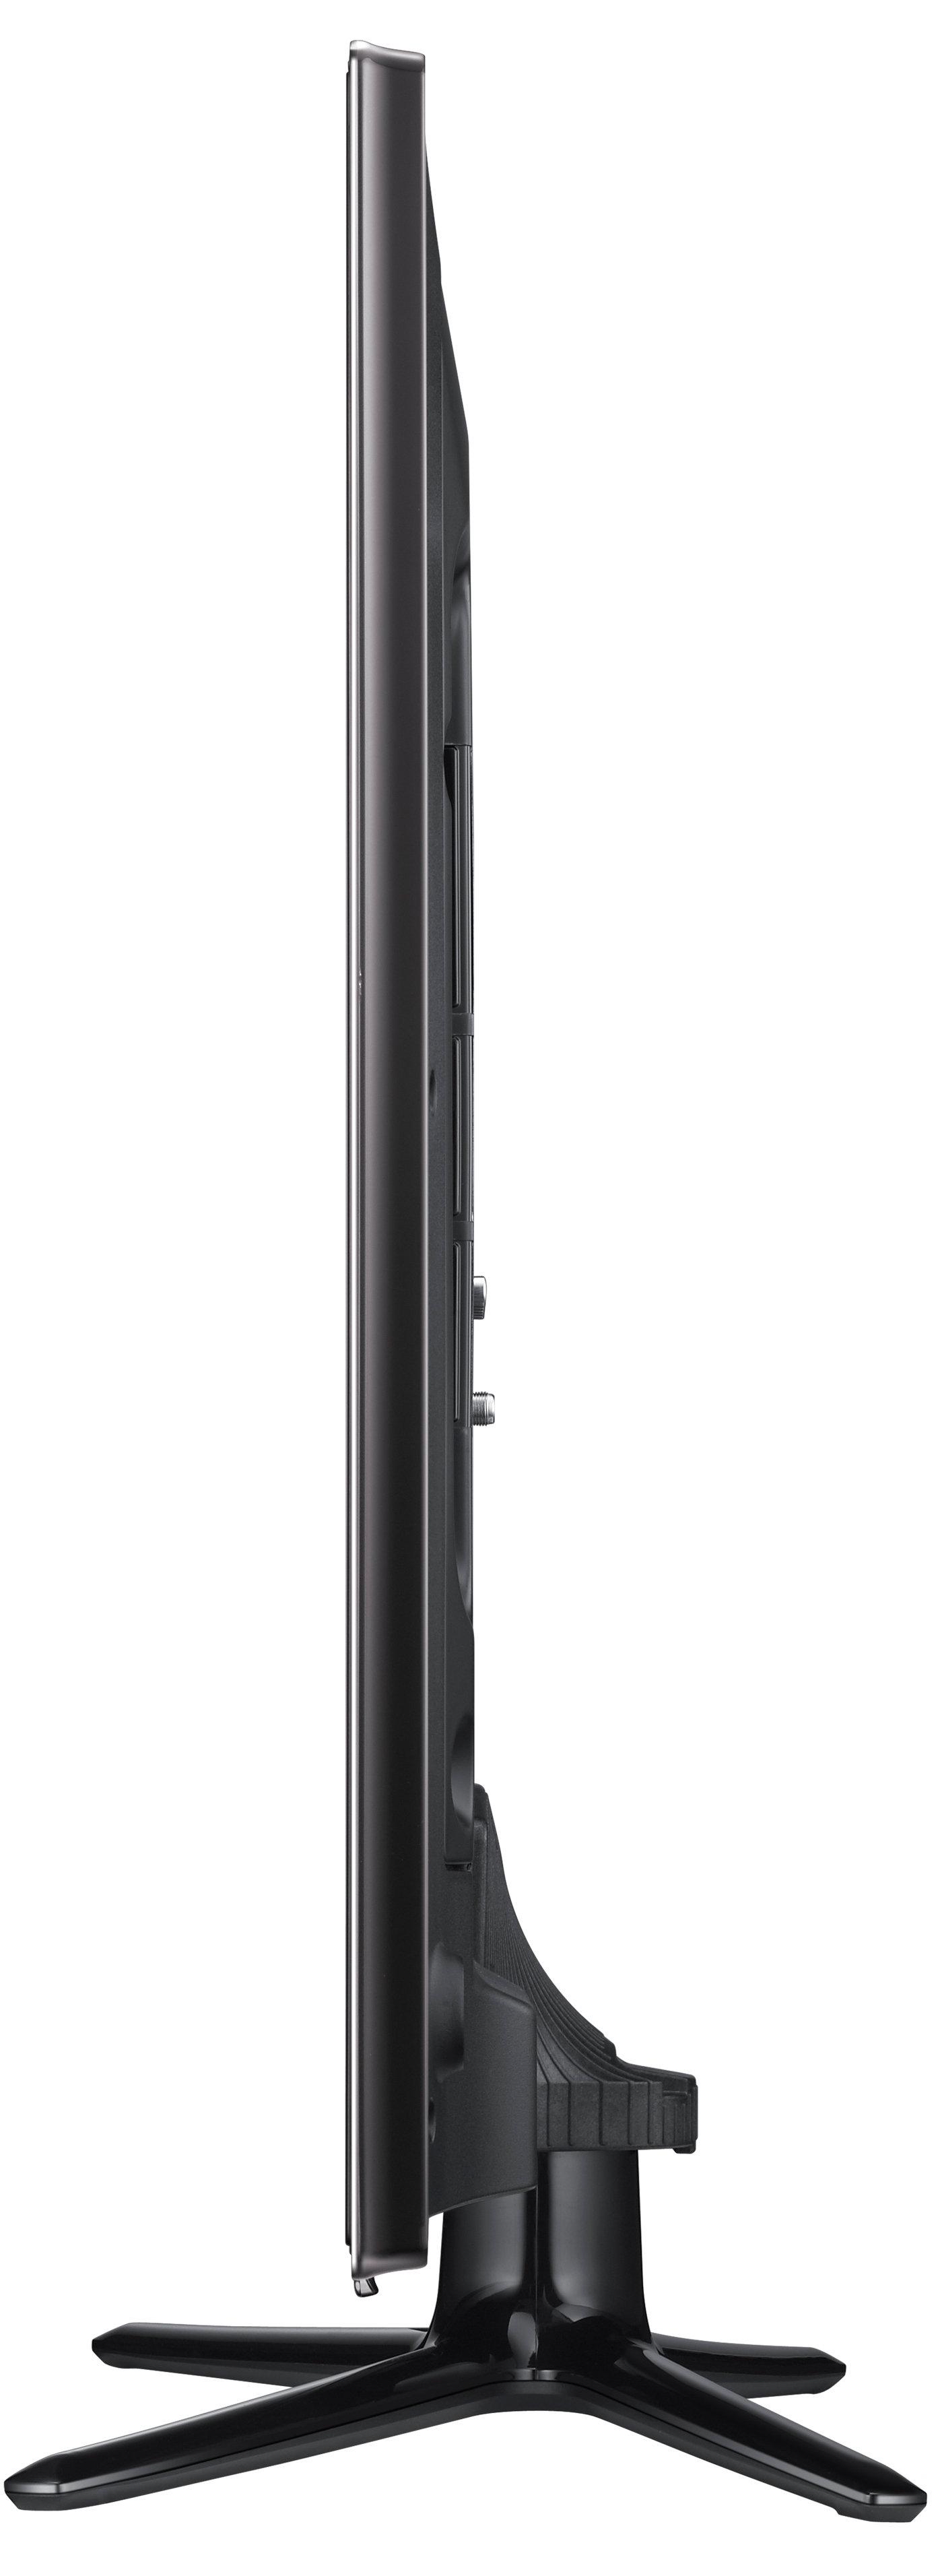 2012 led tv eh4003 eh5003 series manual